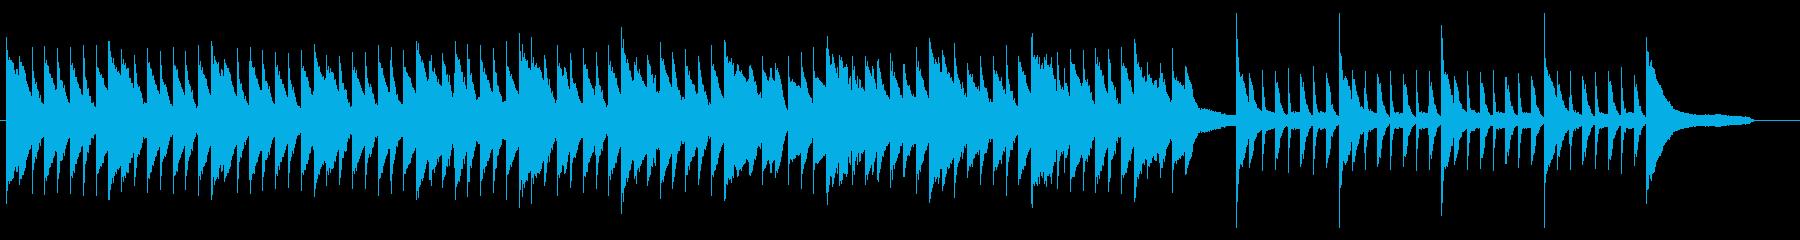 切ない・失恋・劇伴・ピアノの再生済みの波形